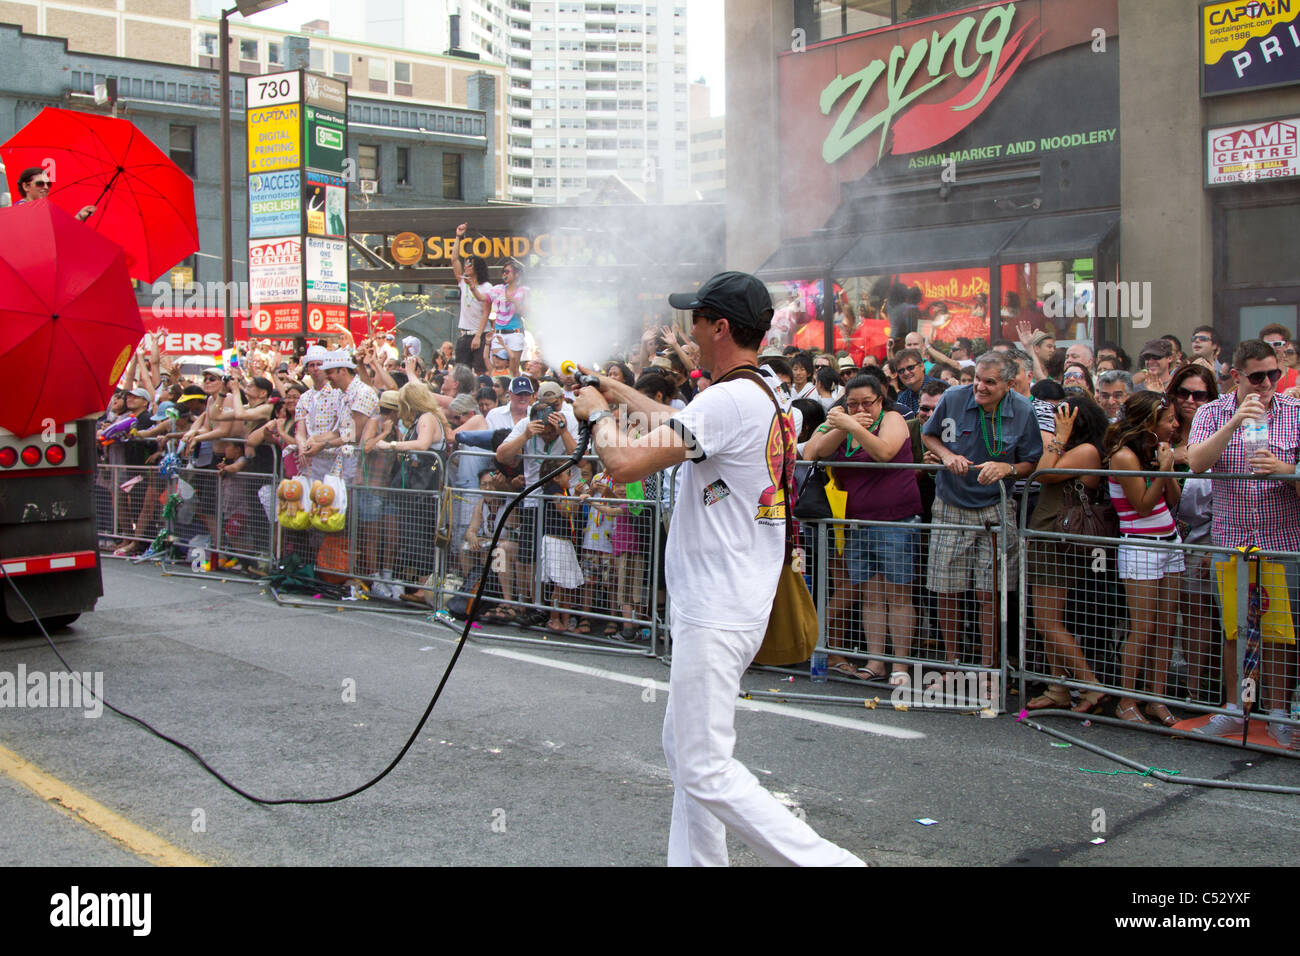 'water gun' splash splashing crowd pride parade - Stock Image